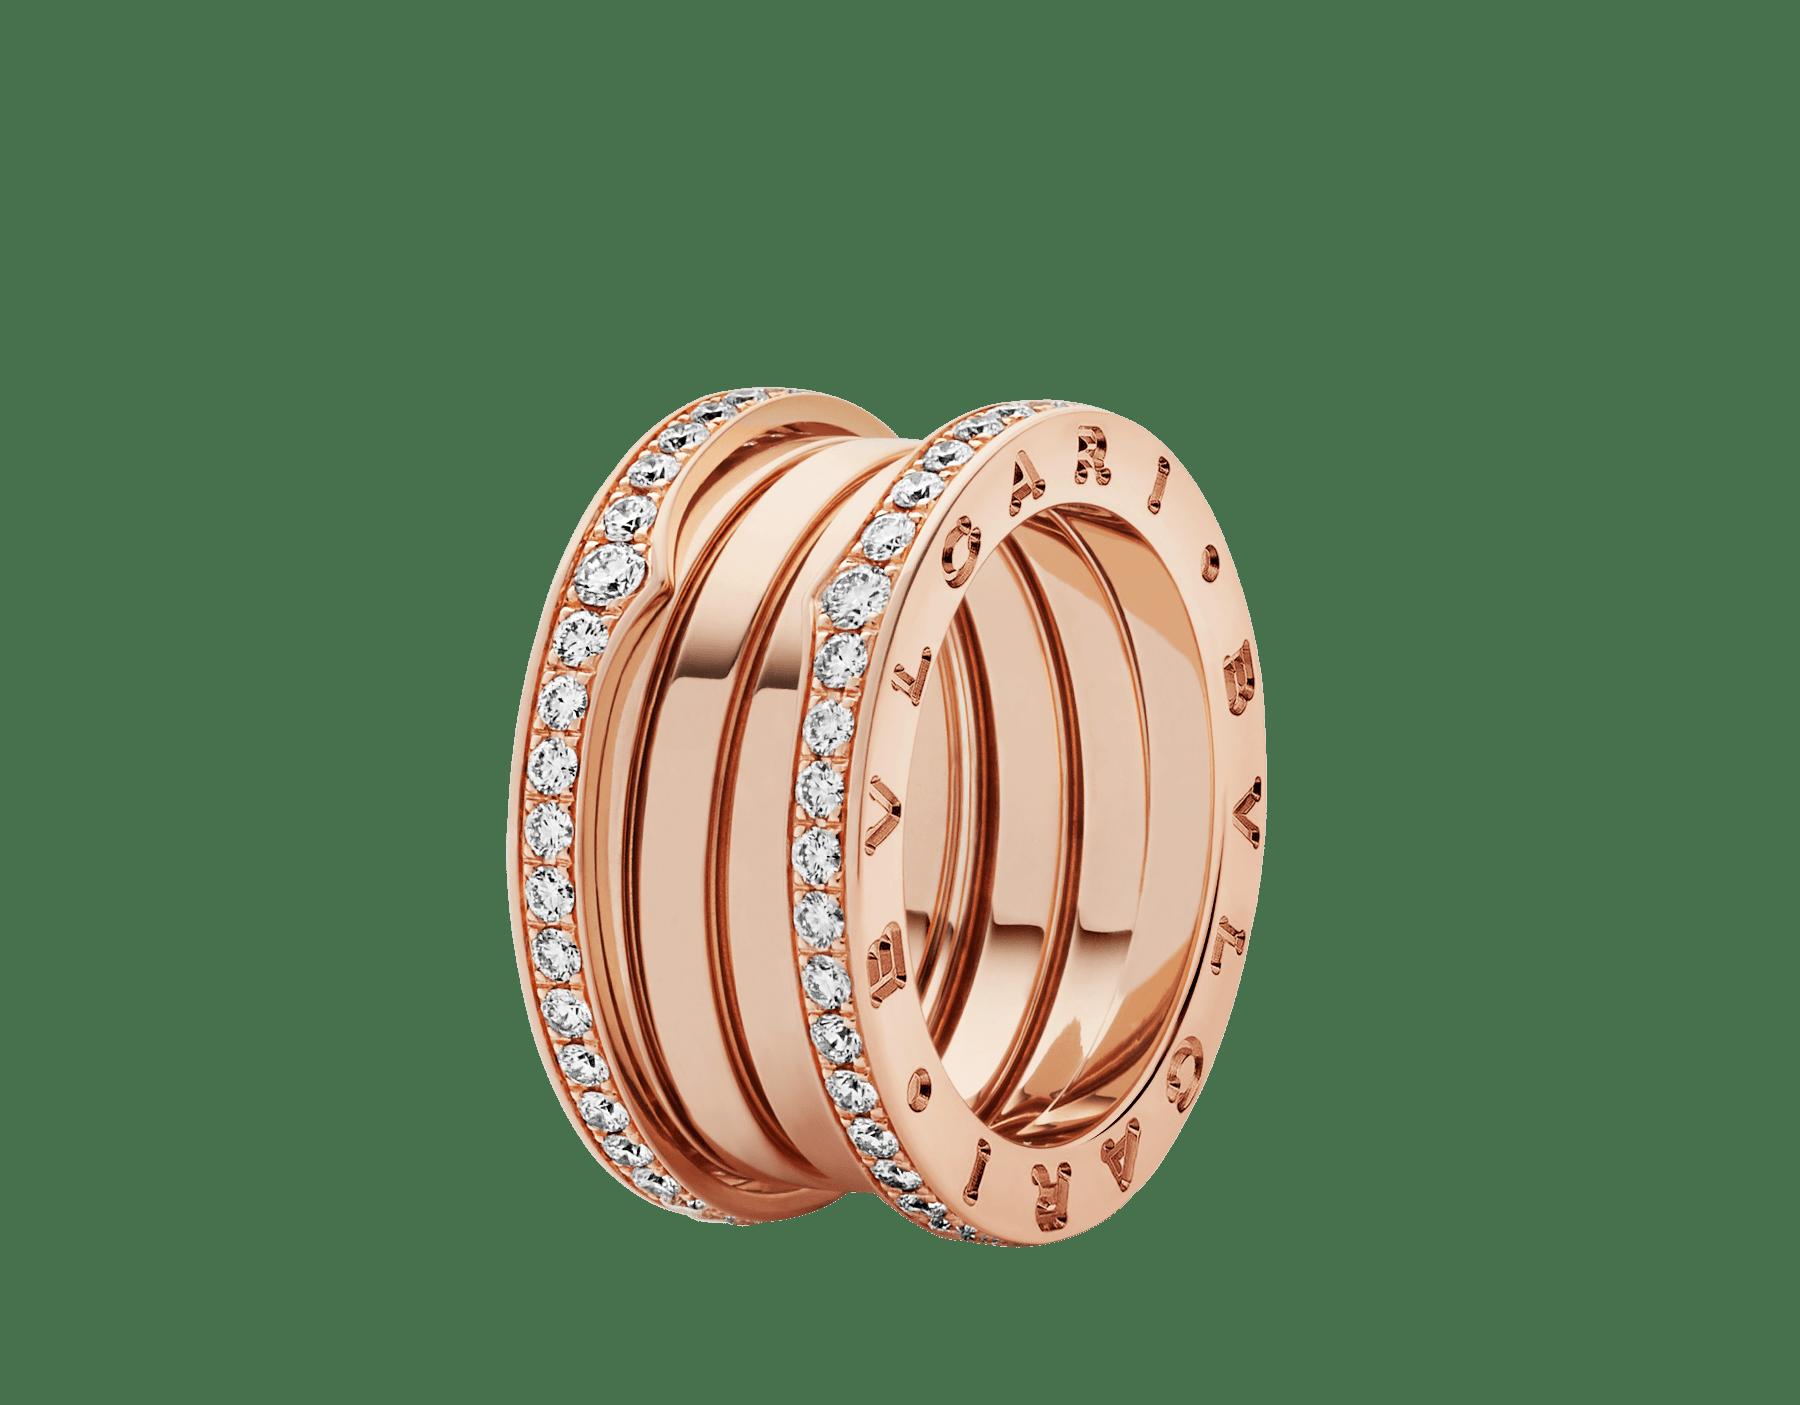 Fundindo o caráter ousado de suas curvas fluidas com a preciosidade de diamantes cravejados, o anel B.zero1 revela um espírito versátil e uma elegância contemporânea. B-zero1-4-bands-AN856293 image 1